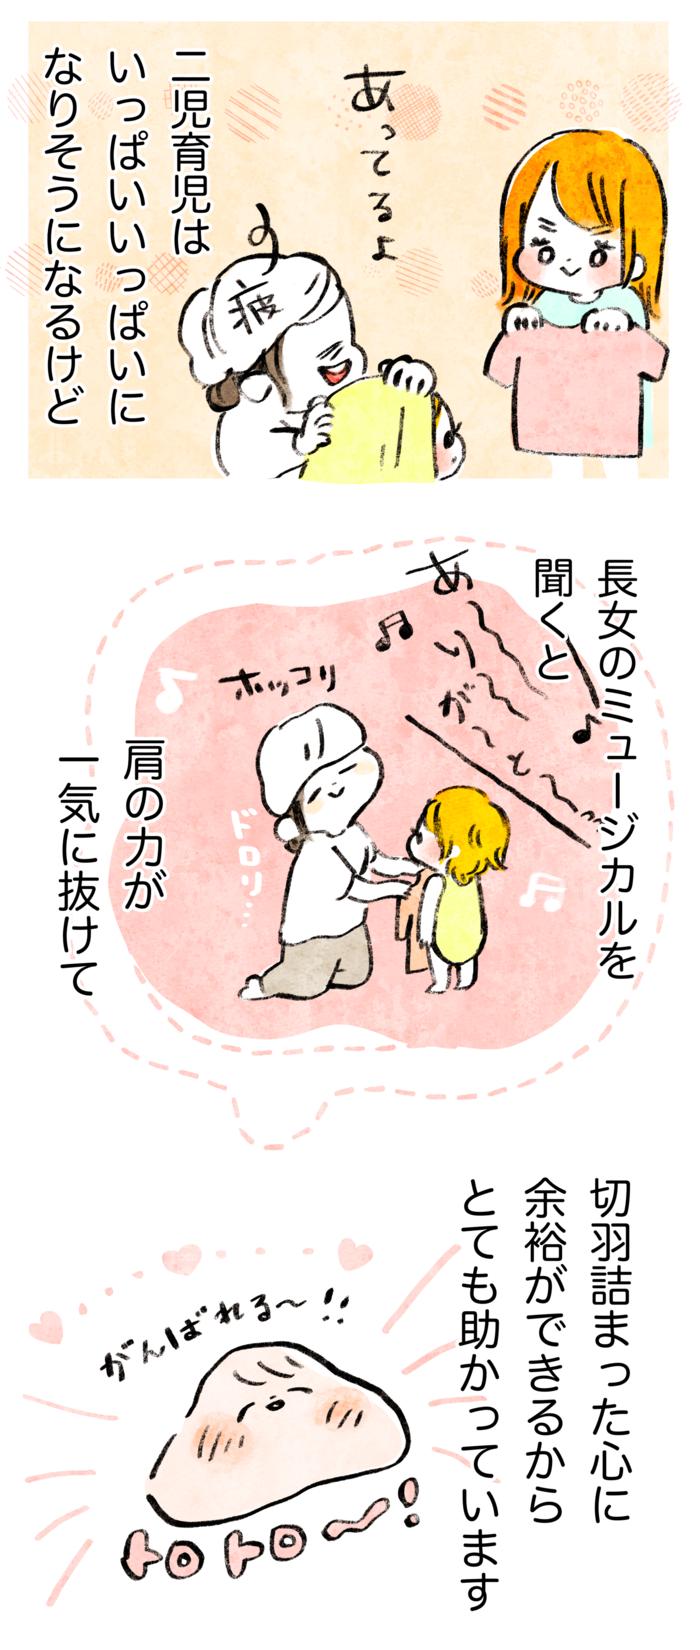 ドタバタ二児育児、救いは娘の創作ミュージカル。の画像3